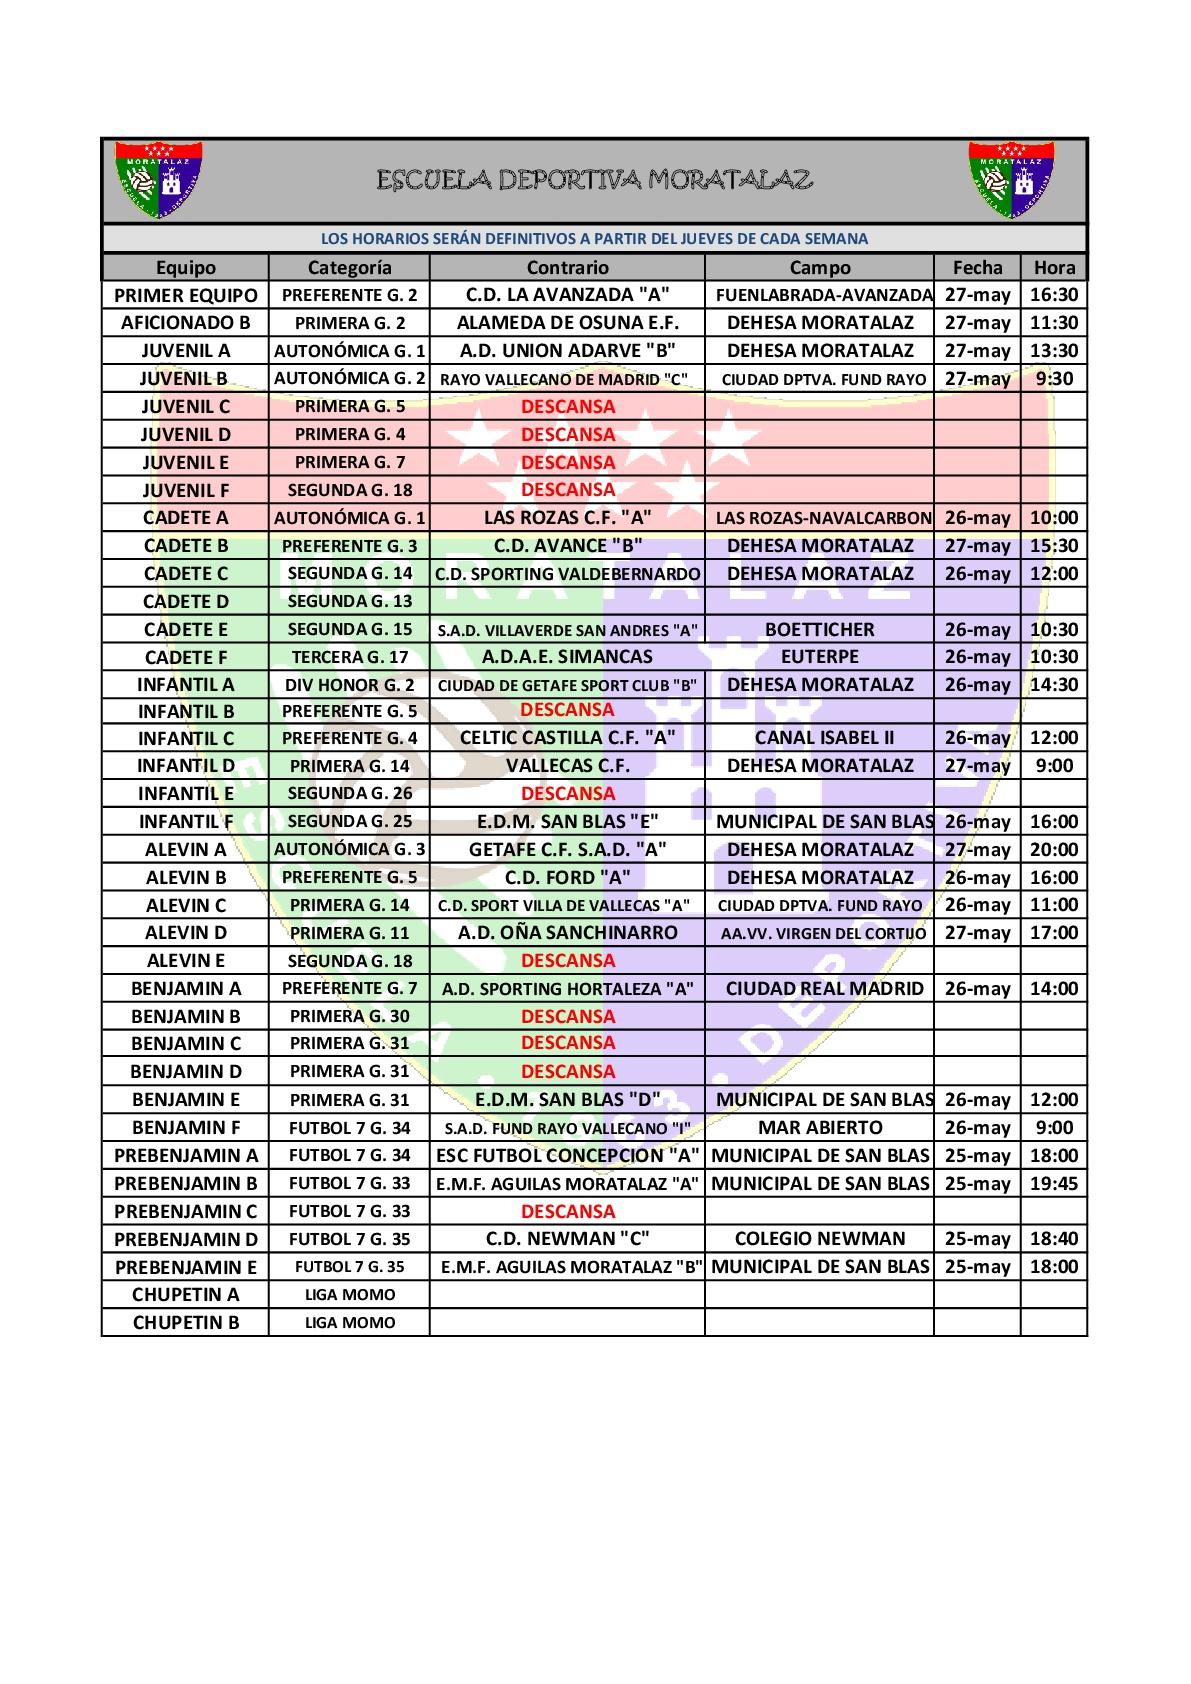 Horario de los partidos del fin de semana del 25, 26 y 27 de mayo de 2018